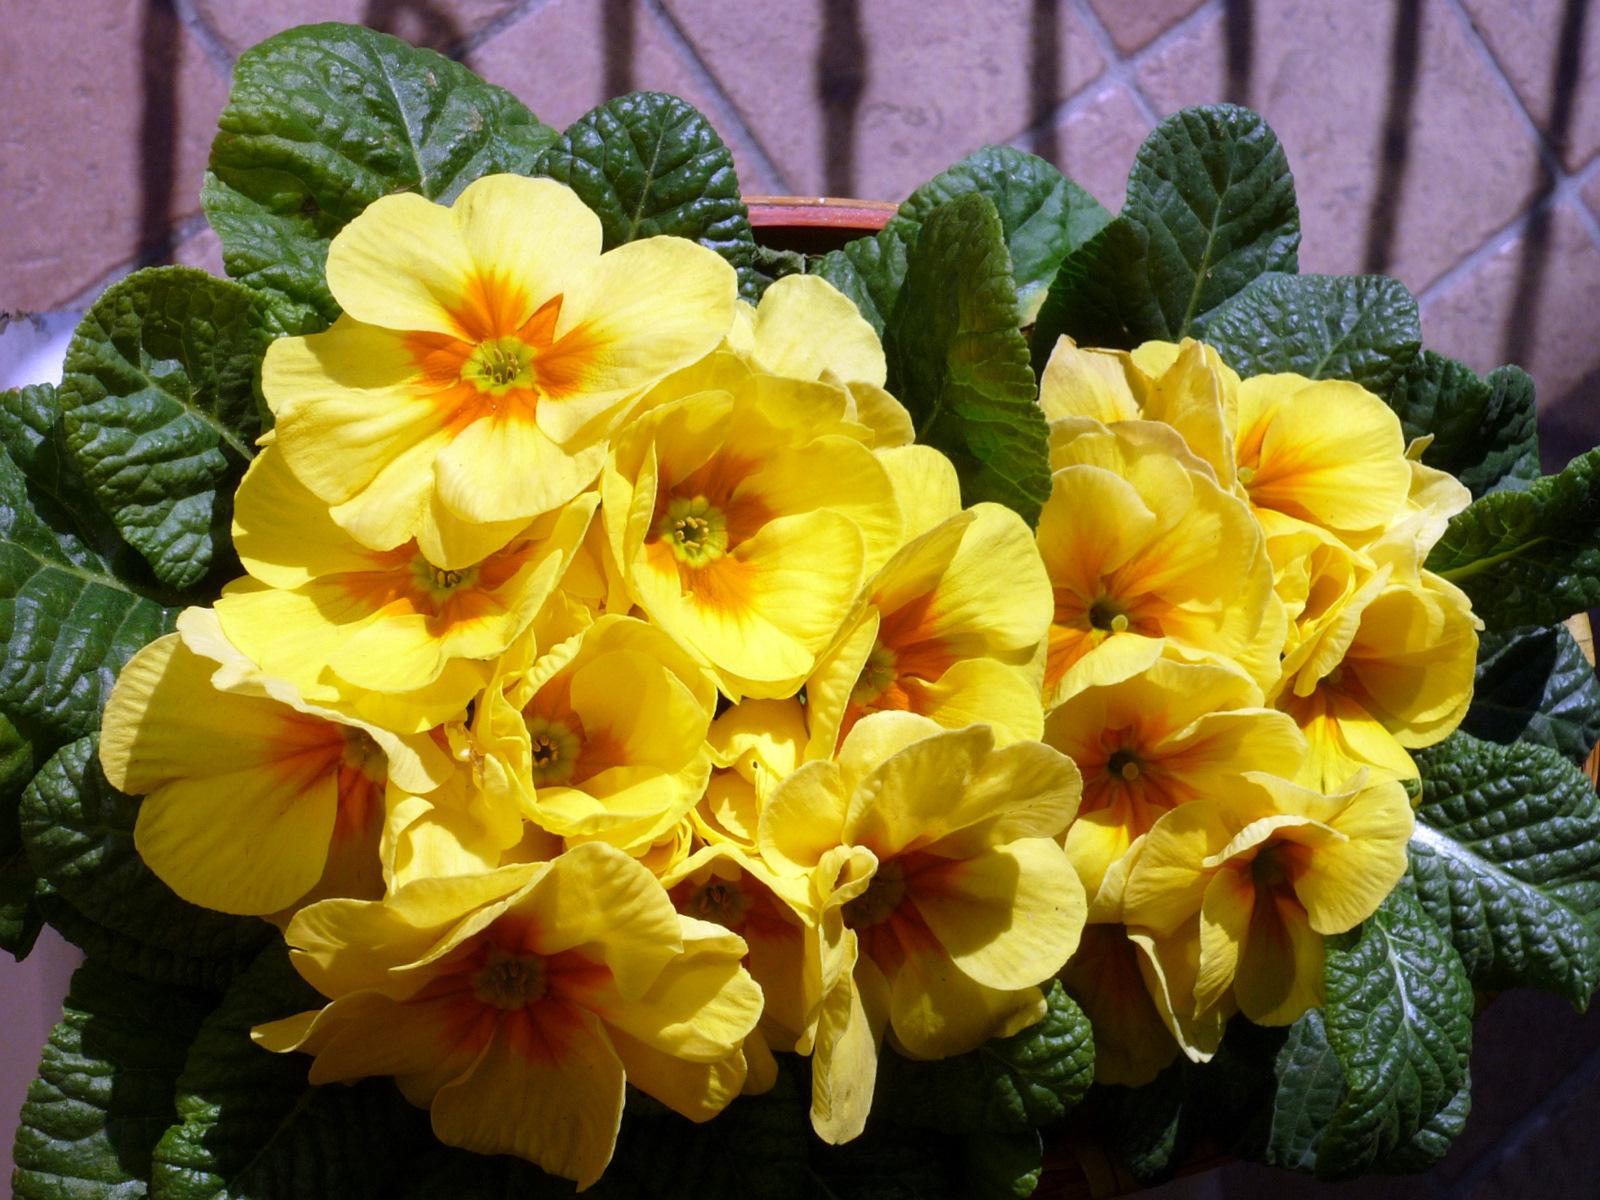 Maestra caterina lapbook fiori di primavera for Fiori di primavera